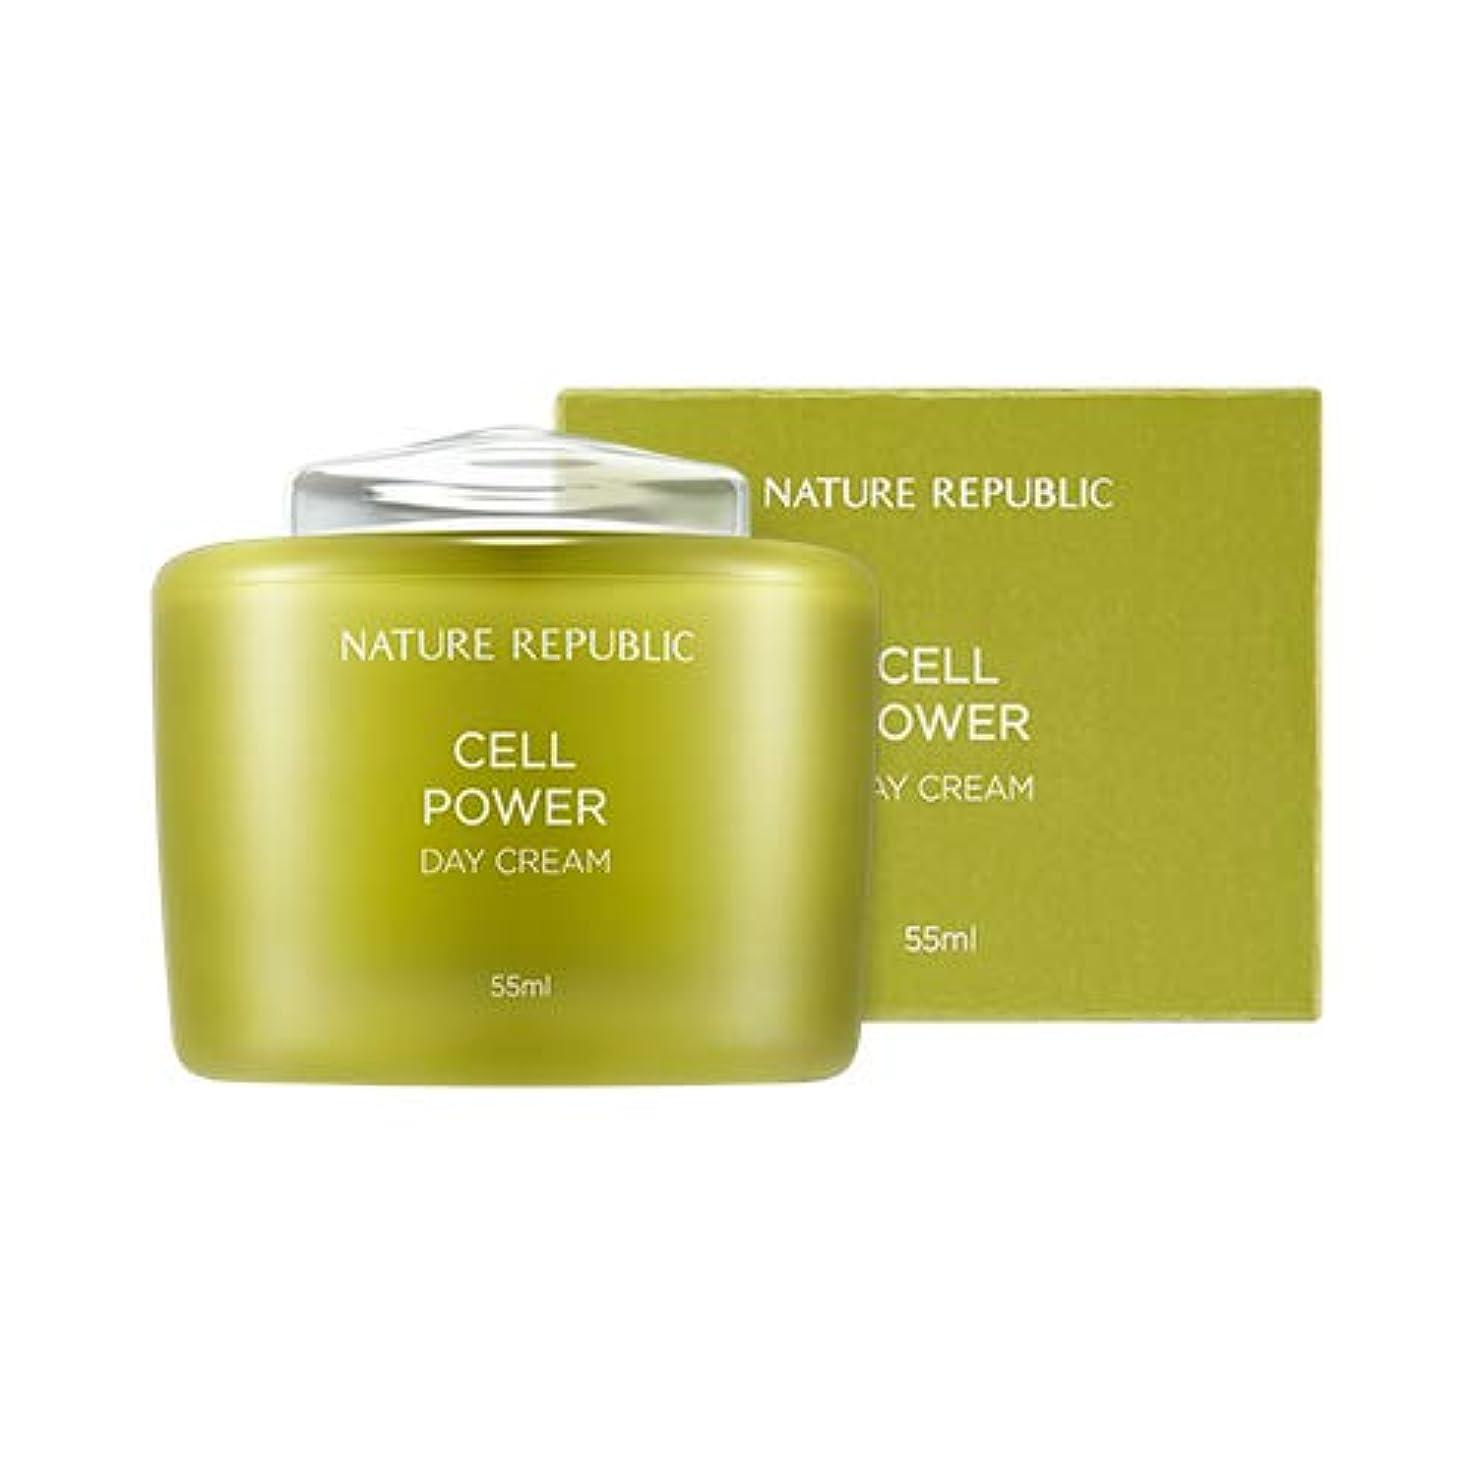 平方差別化する原因NATURE REPUBLIC Cell Power Day Cream/ネイチャーリパブリック セルパワー デイクリーム 55ml [並行輸入品]